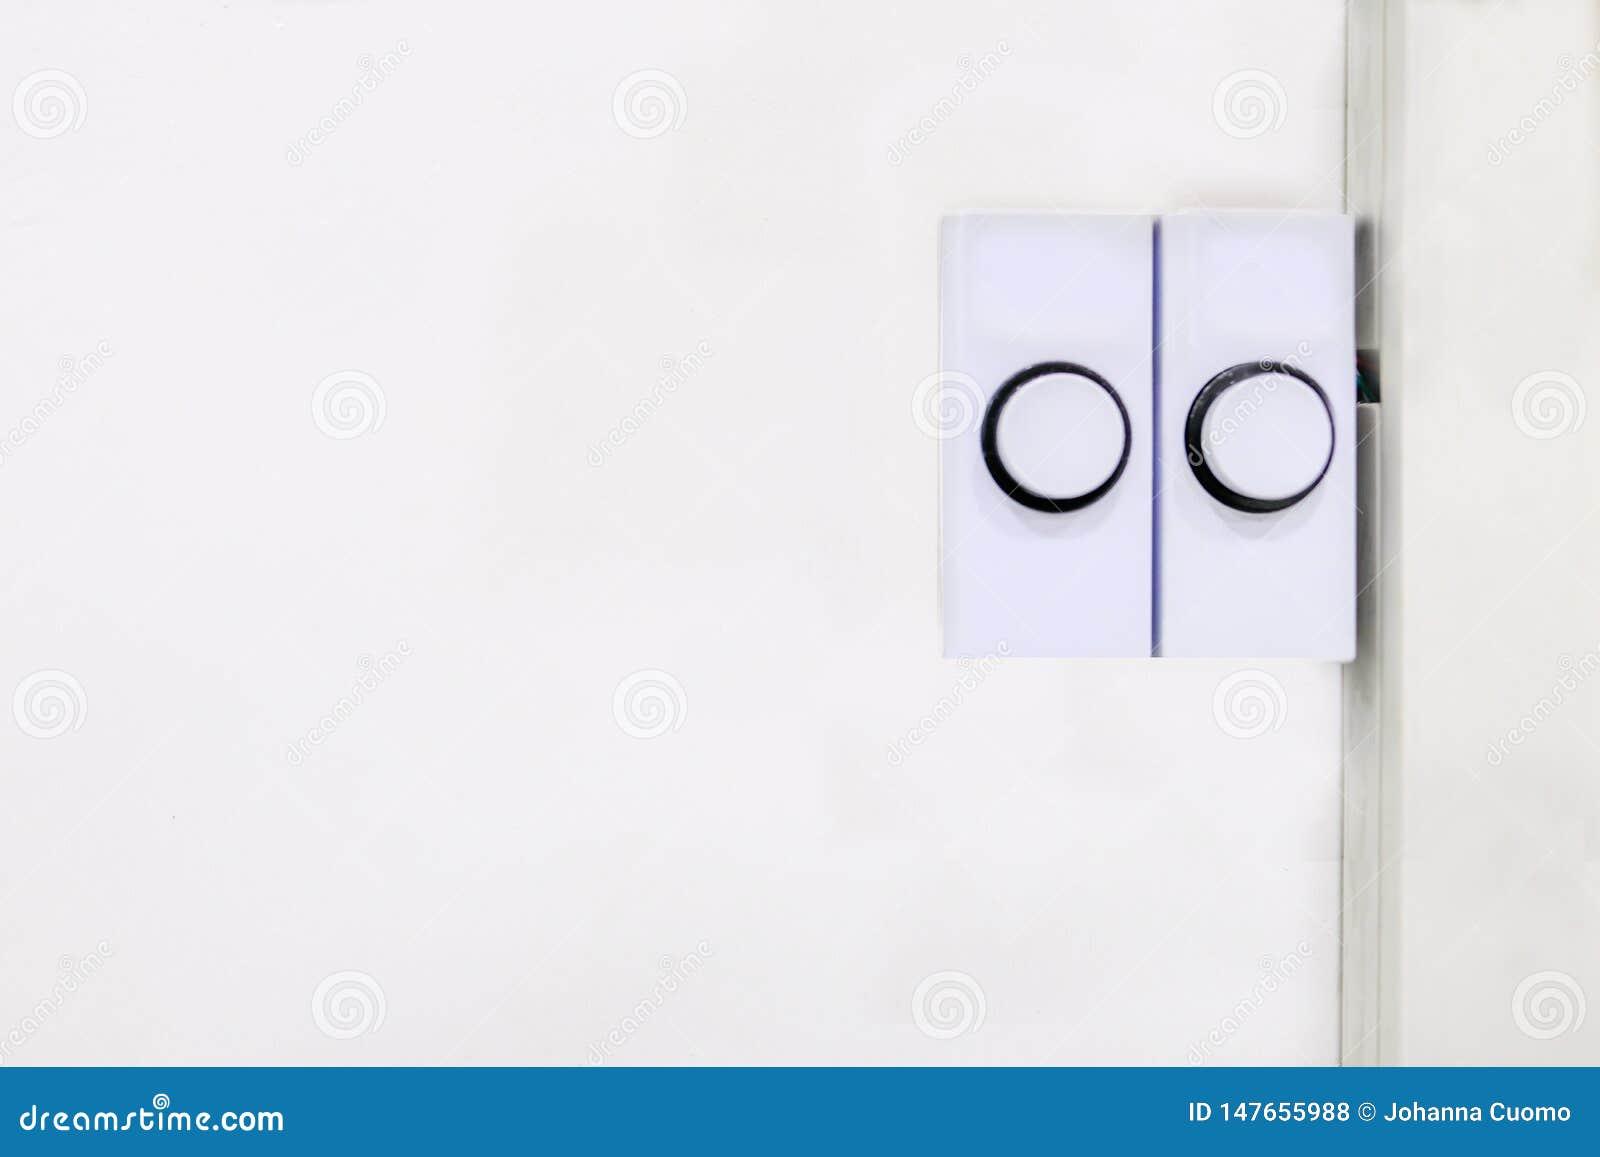 Zwei weiße rechteckige Türklingelplastikknöpfe bereit zum Druck, zum des Inhabers zu alarmieren, dass jemand dort ist